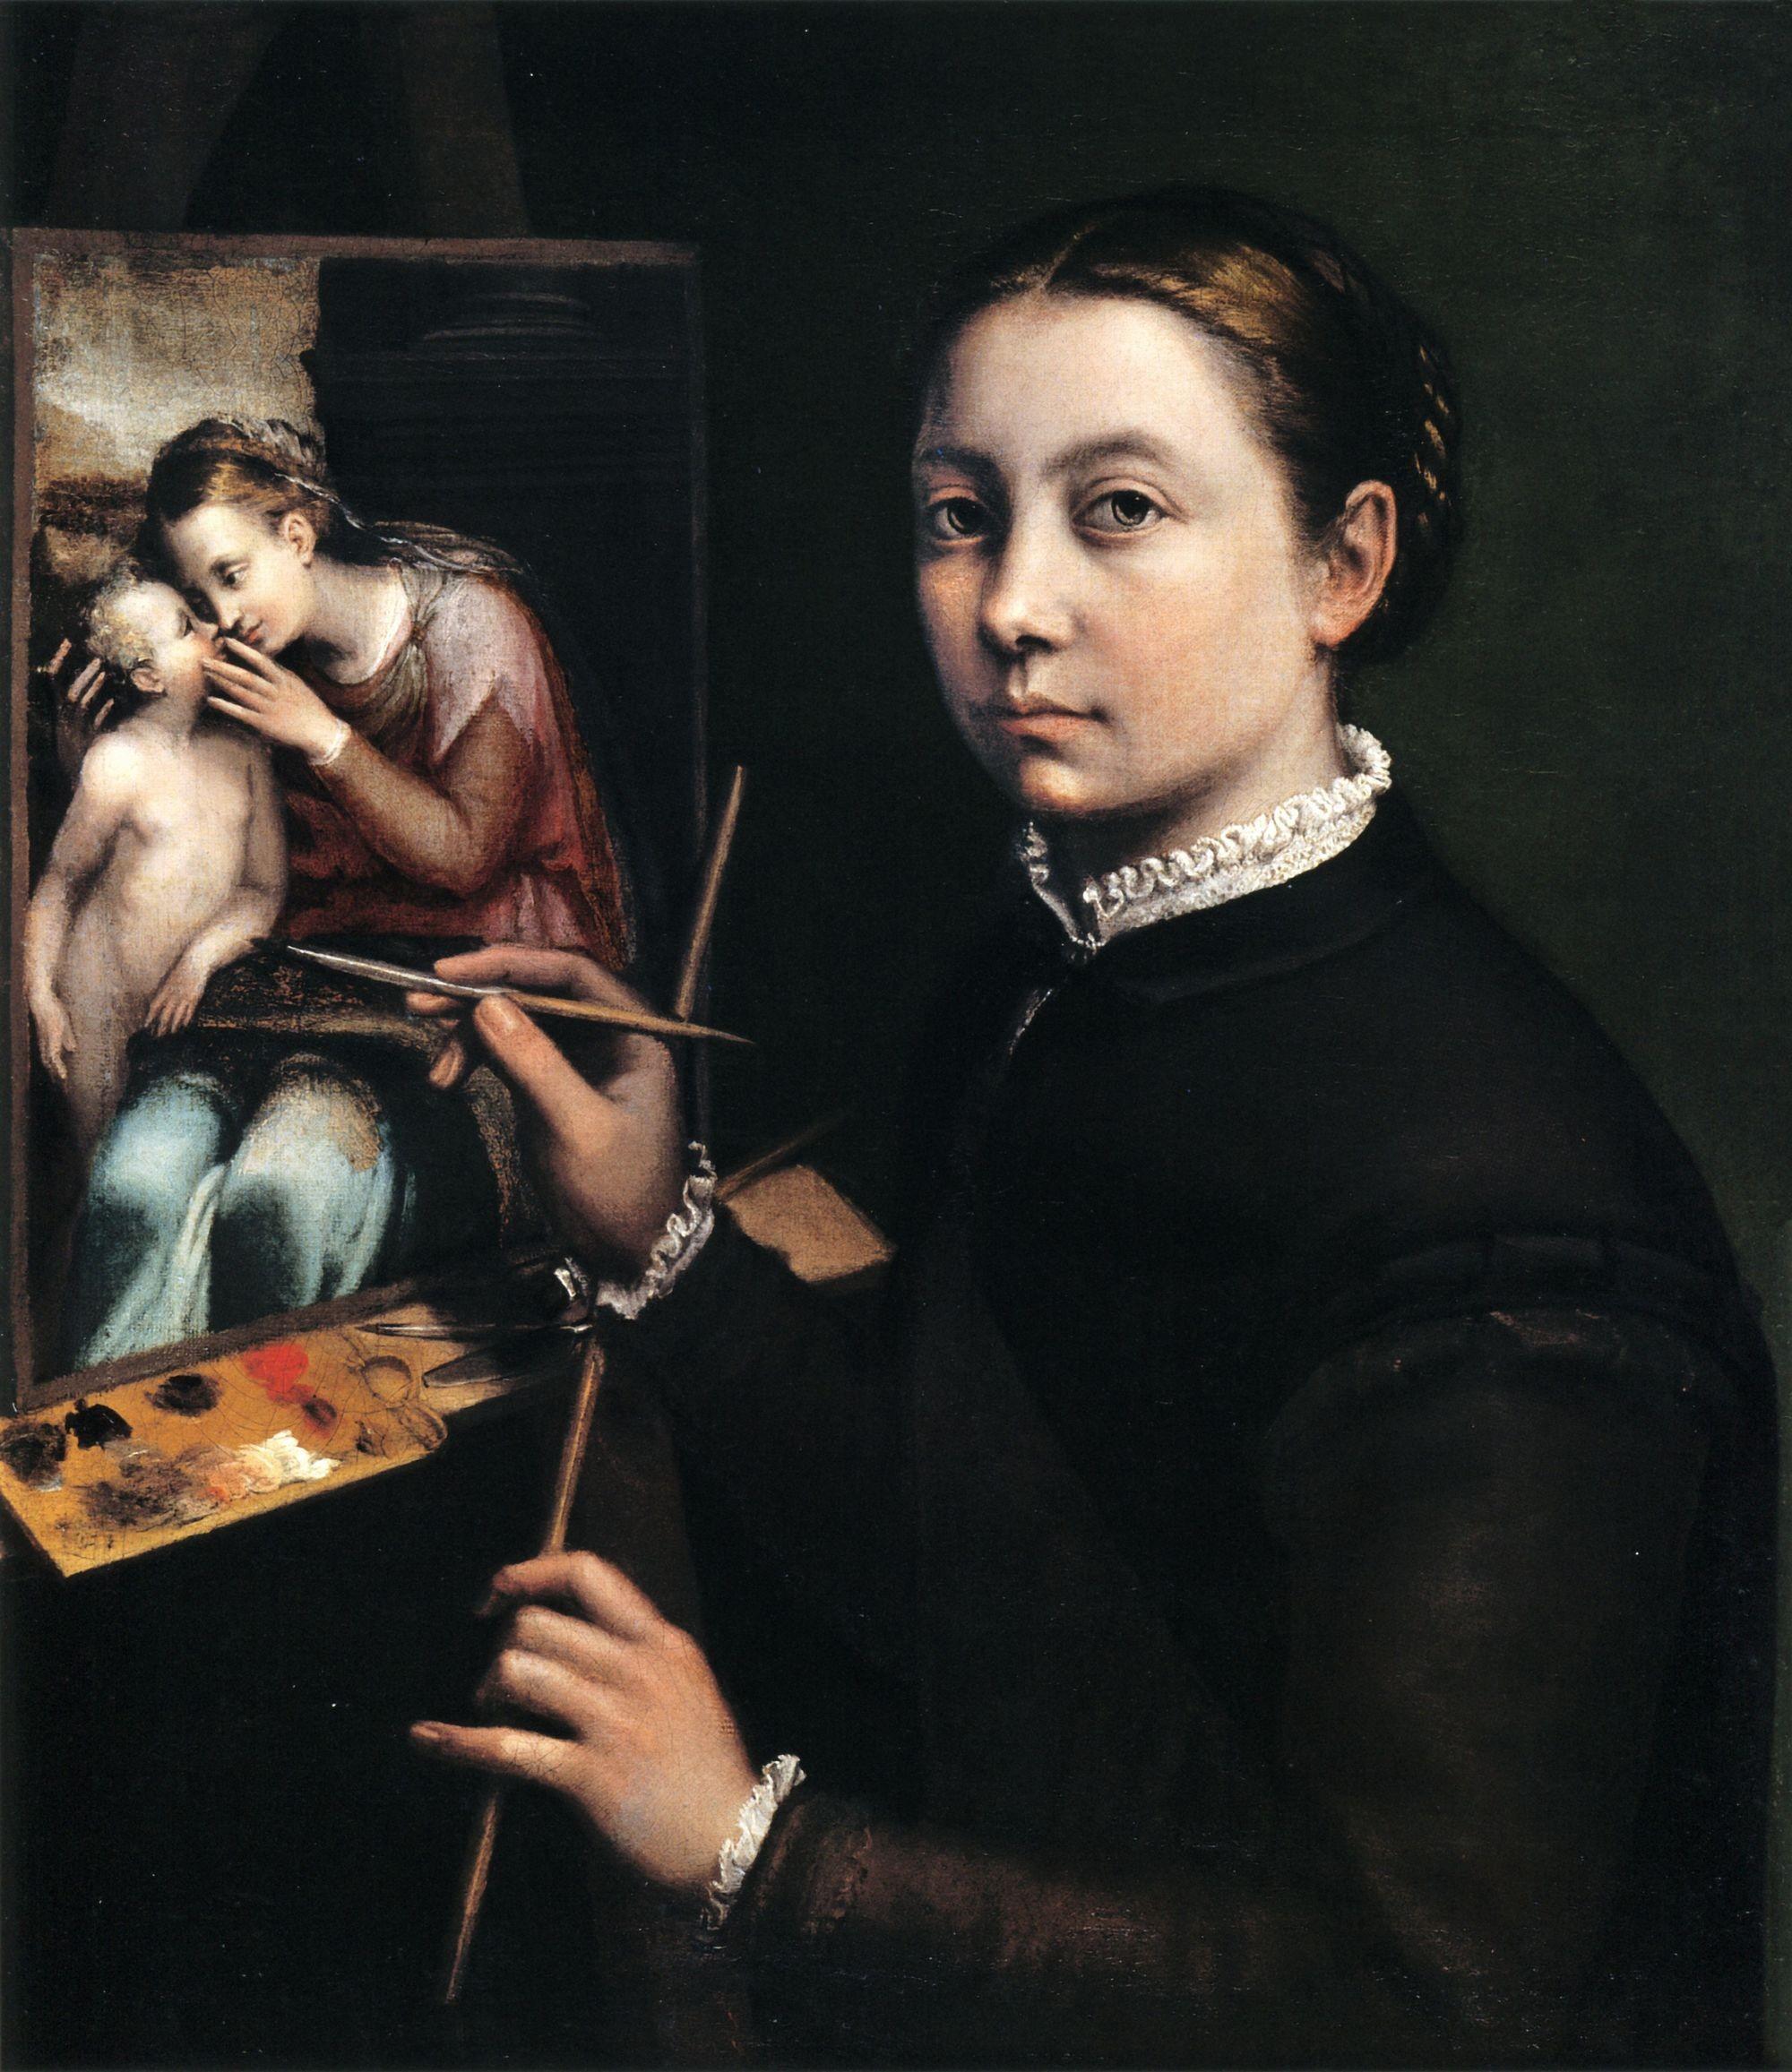 Sofonisba Anguissola, Autoportrait, 1556, huile sur toile, 66 x 57 cm, Muzeum-Zamek, Łańcut